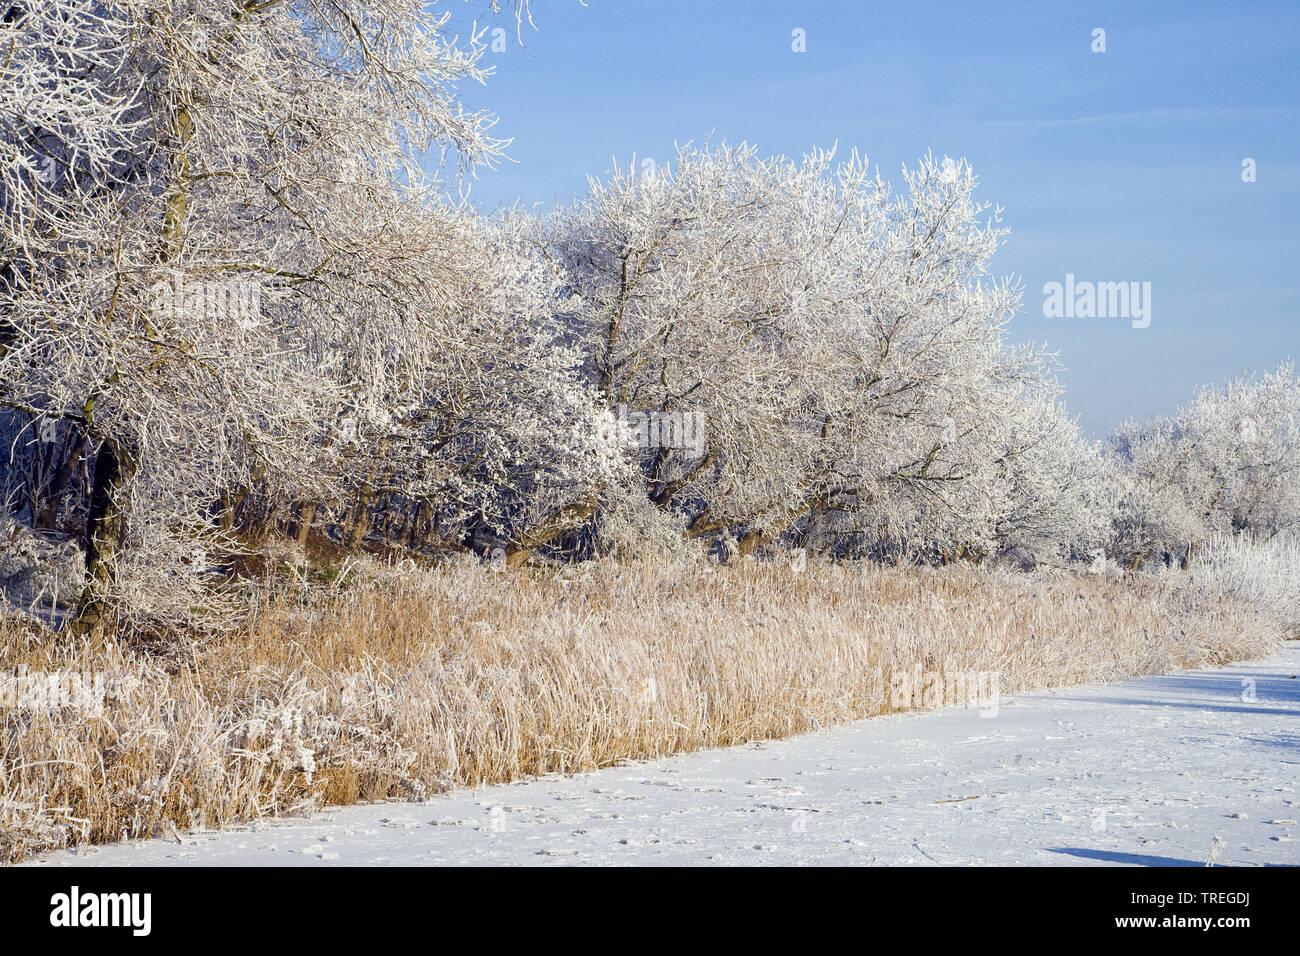 Baeume und Straeucher mit Raureif und zugefrorenes Gewaesser, Niederlande, Katwijk | hoarfrost on trees and shrubs and frozen stretch of water, Nether - Stock Image